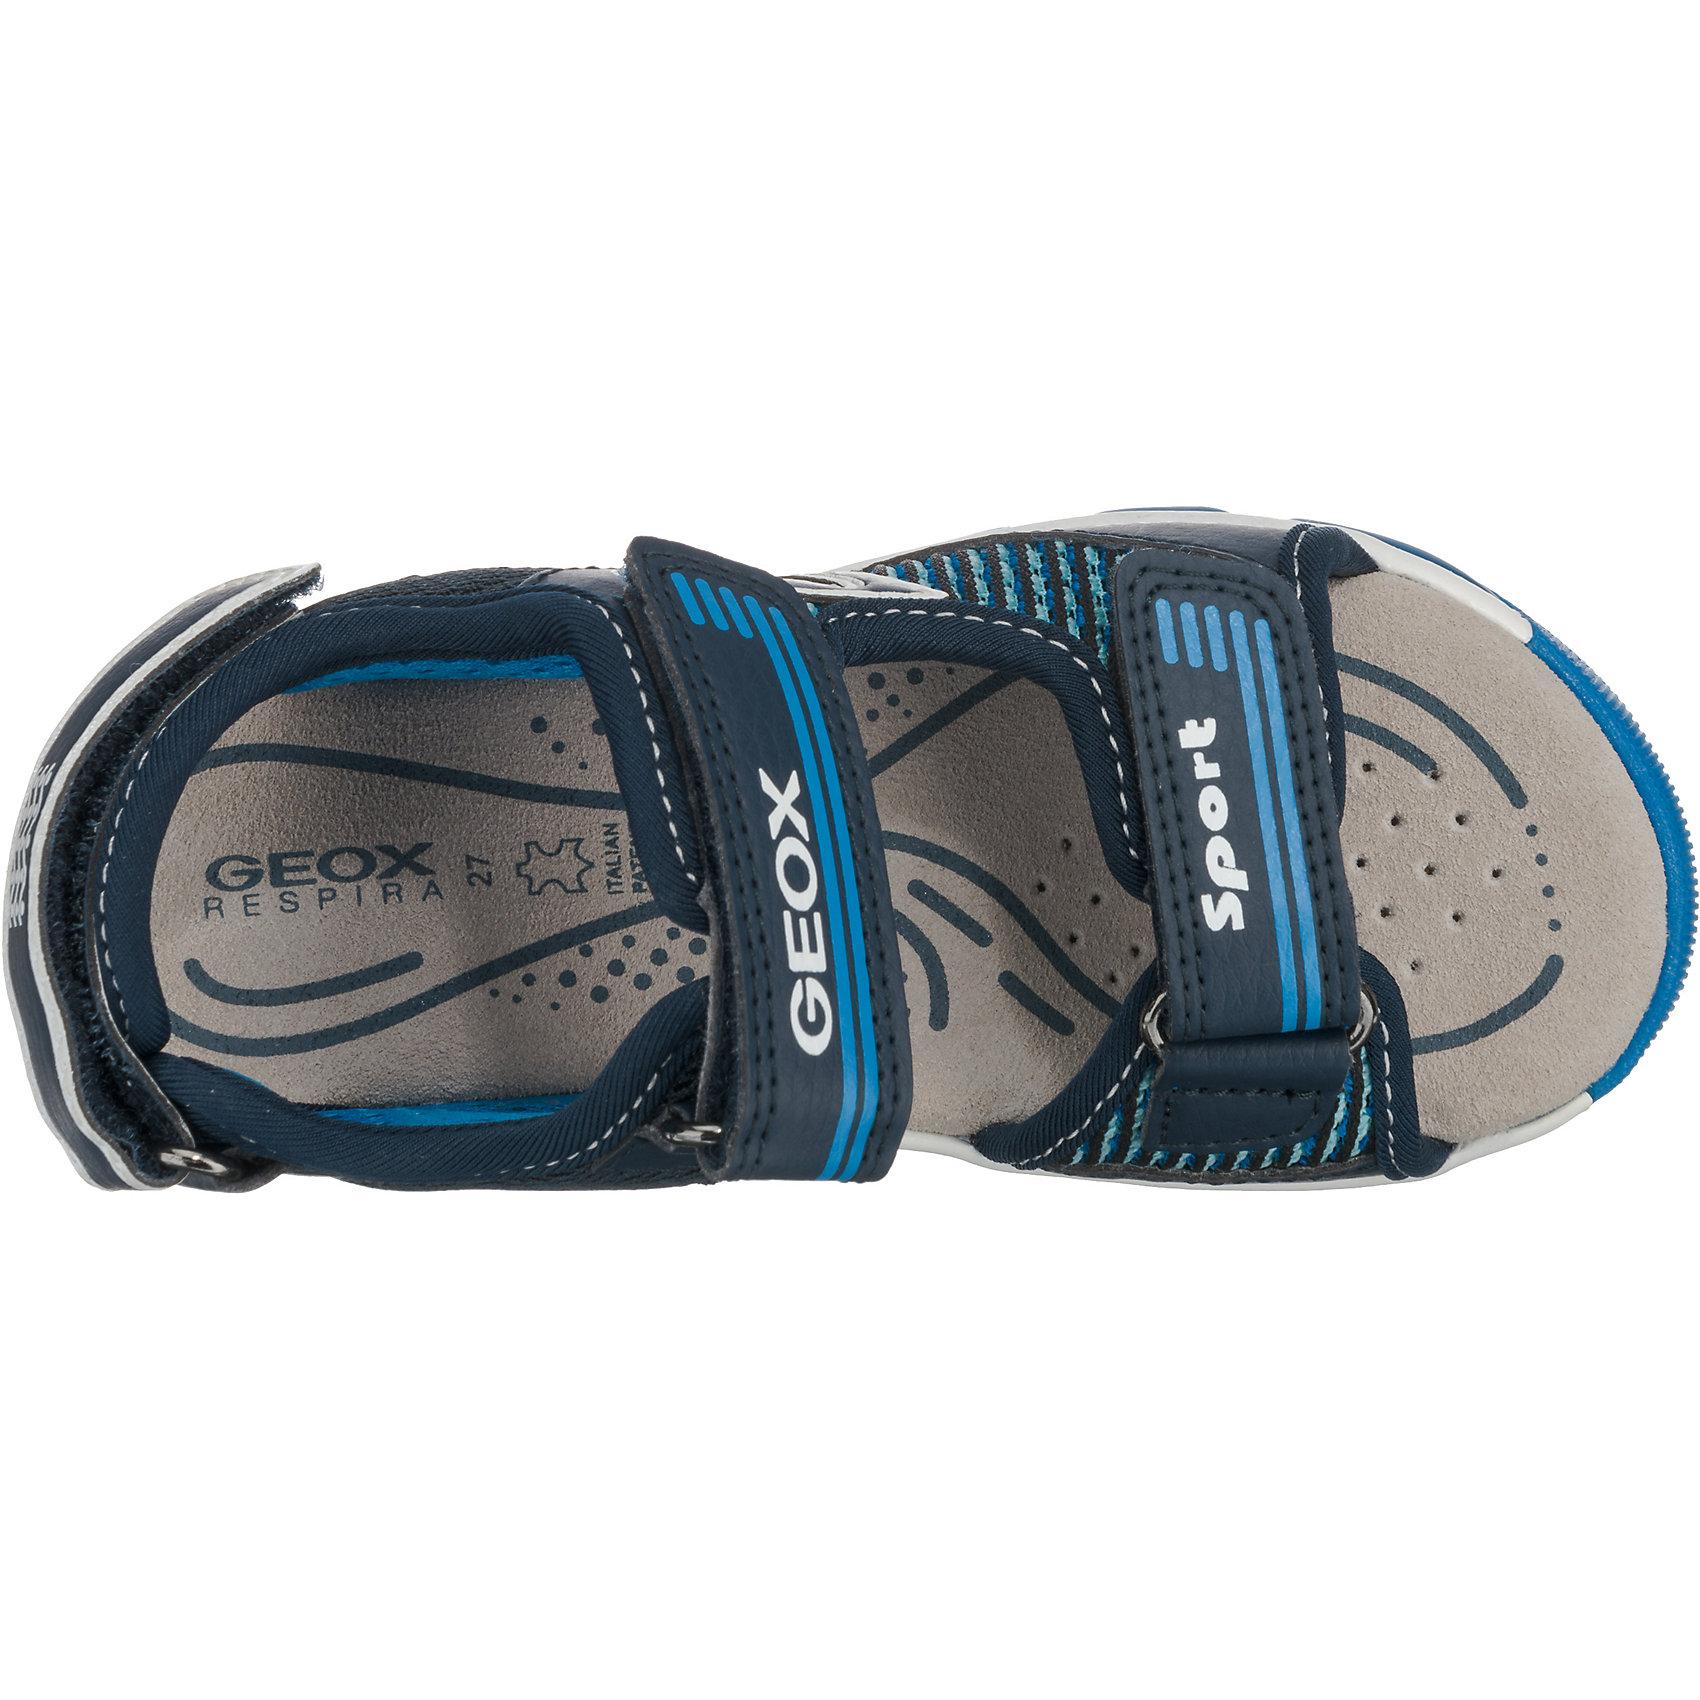 Details zu Neu GEOX Sandalen Blinkies ANDROID für Jungen 7209384 für Jungen blau